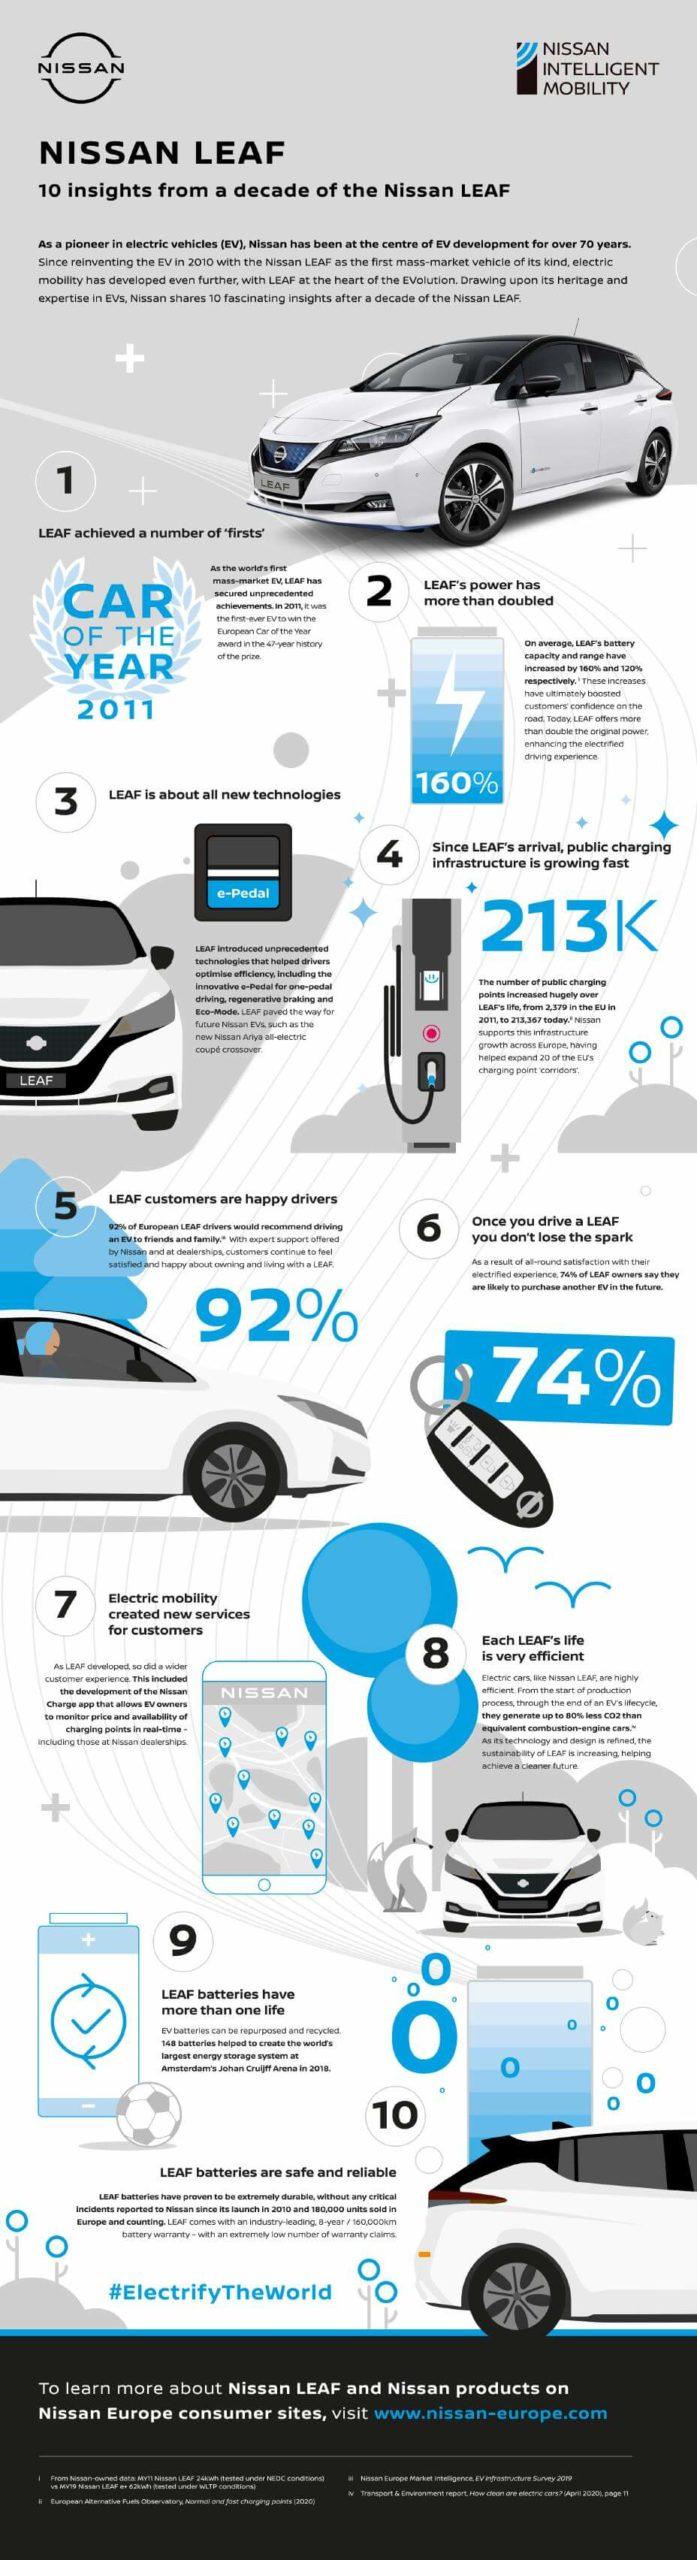 Главные вехи эволюции электромобилей массового сегмента во главе с Nissan LEAF